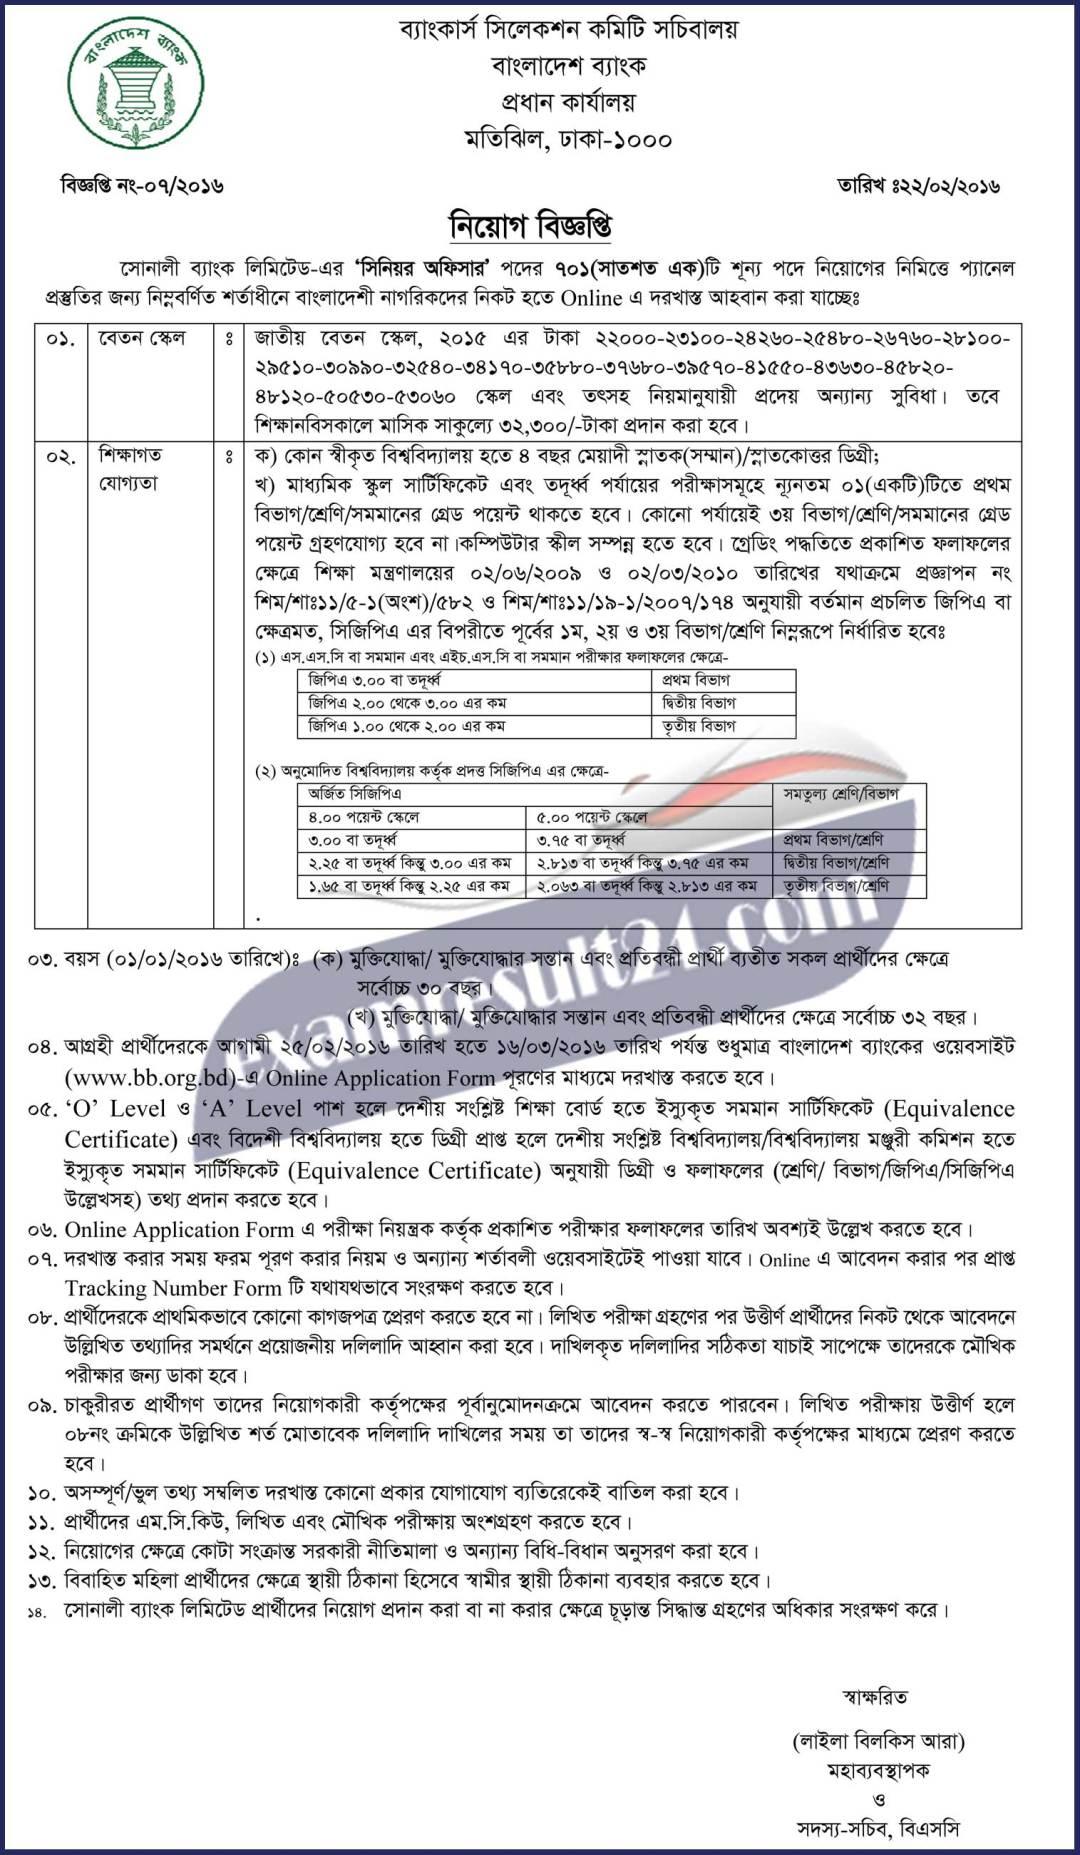 Sonali Bank Limited Senior Officer Job Circular